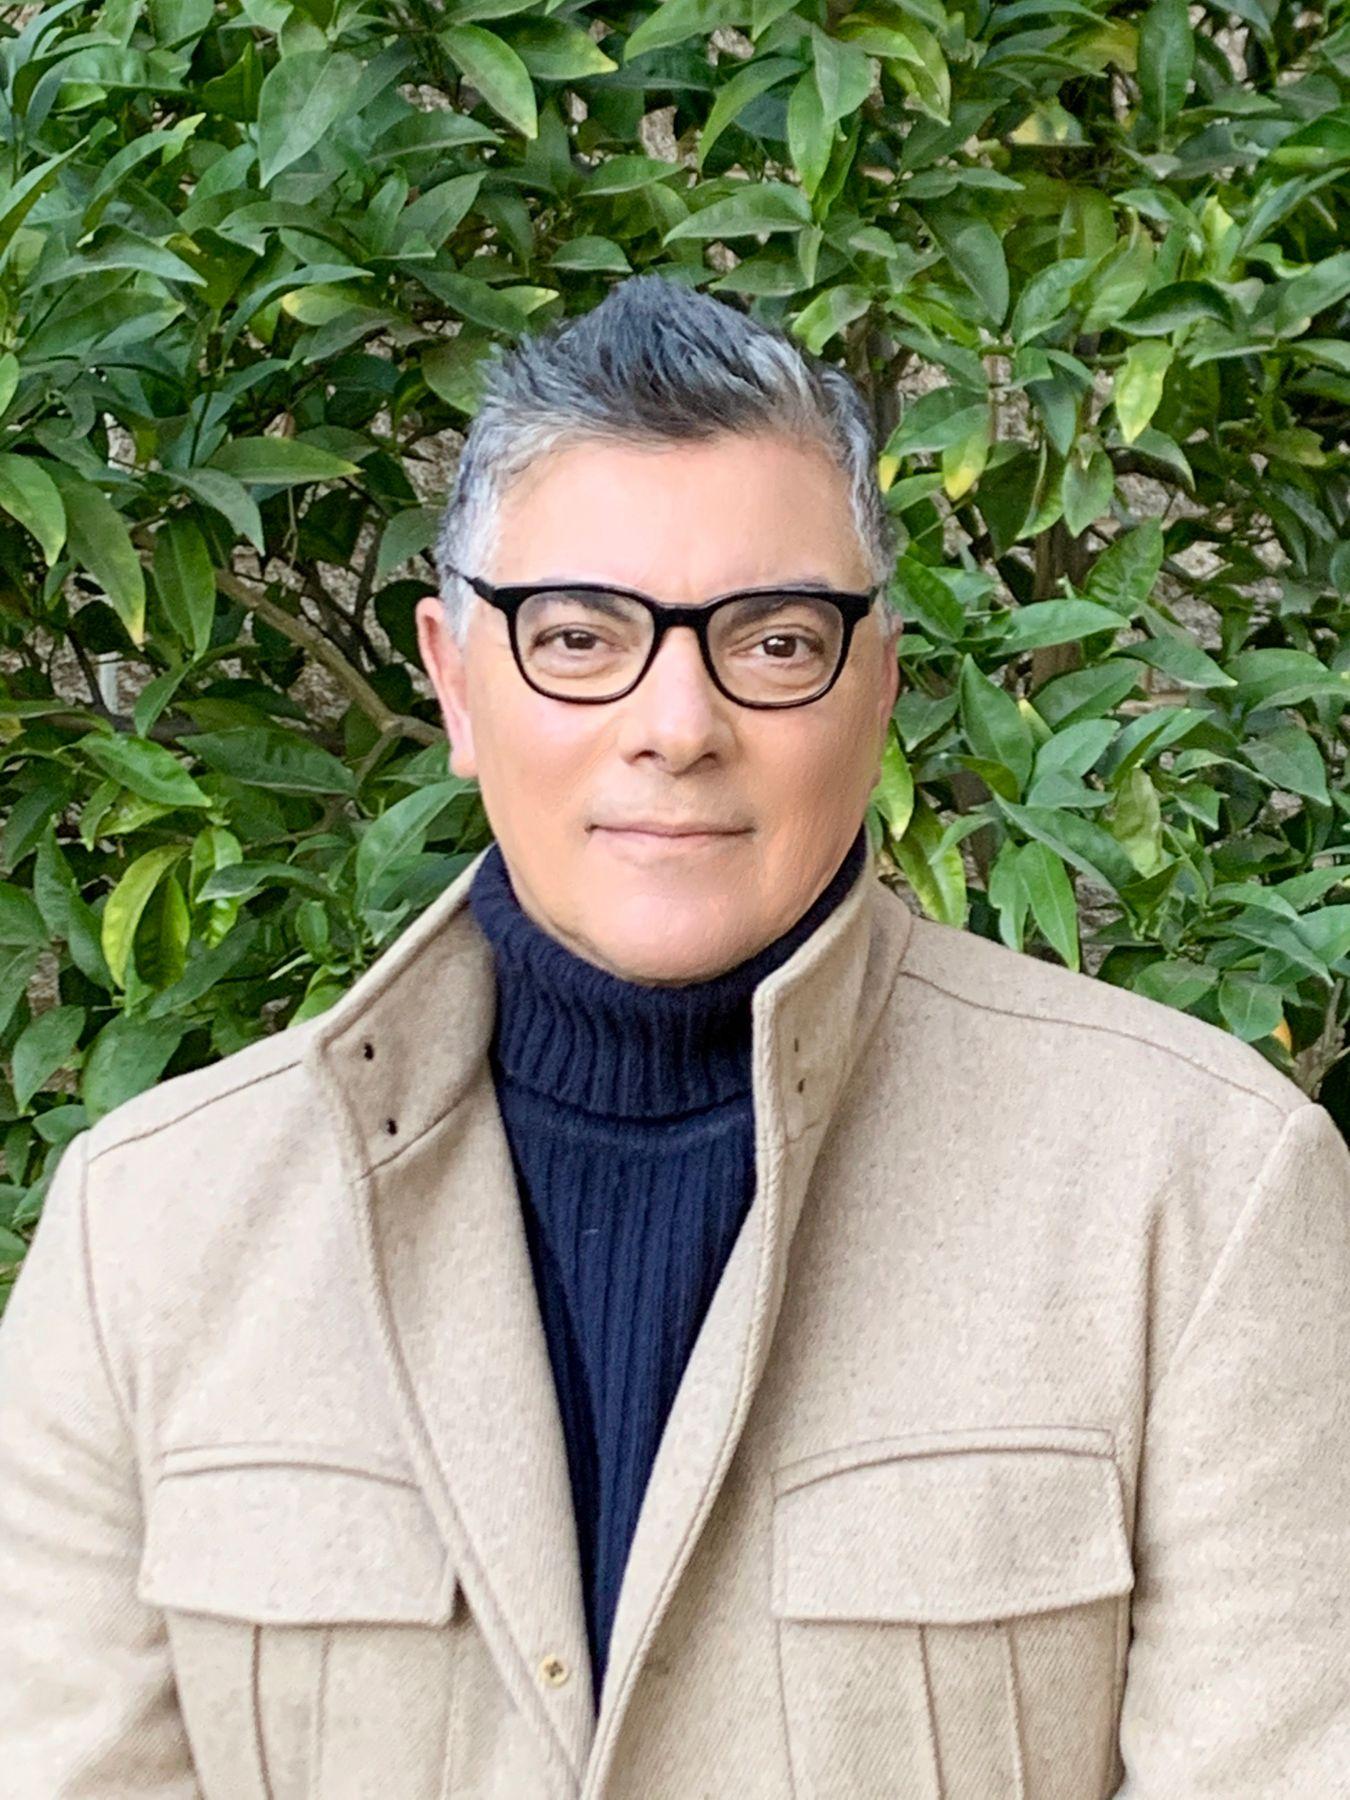 Michael Riviello